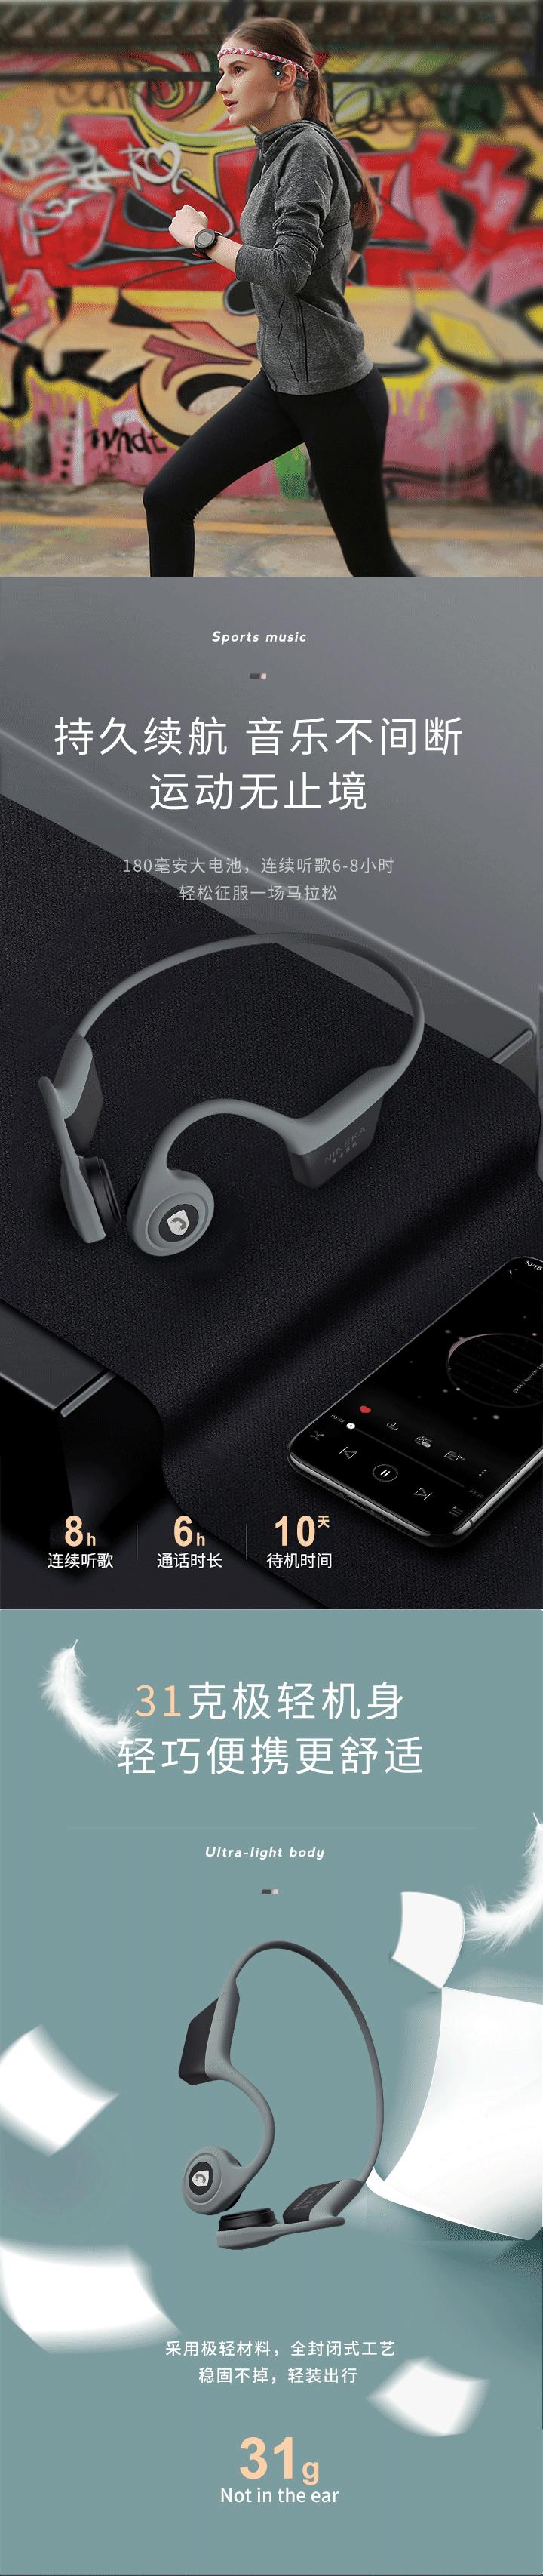 南卡Runner骨传导耳机免费试用,评测